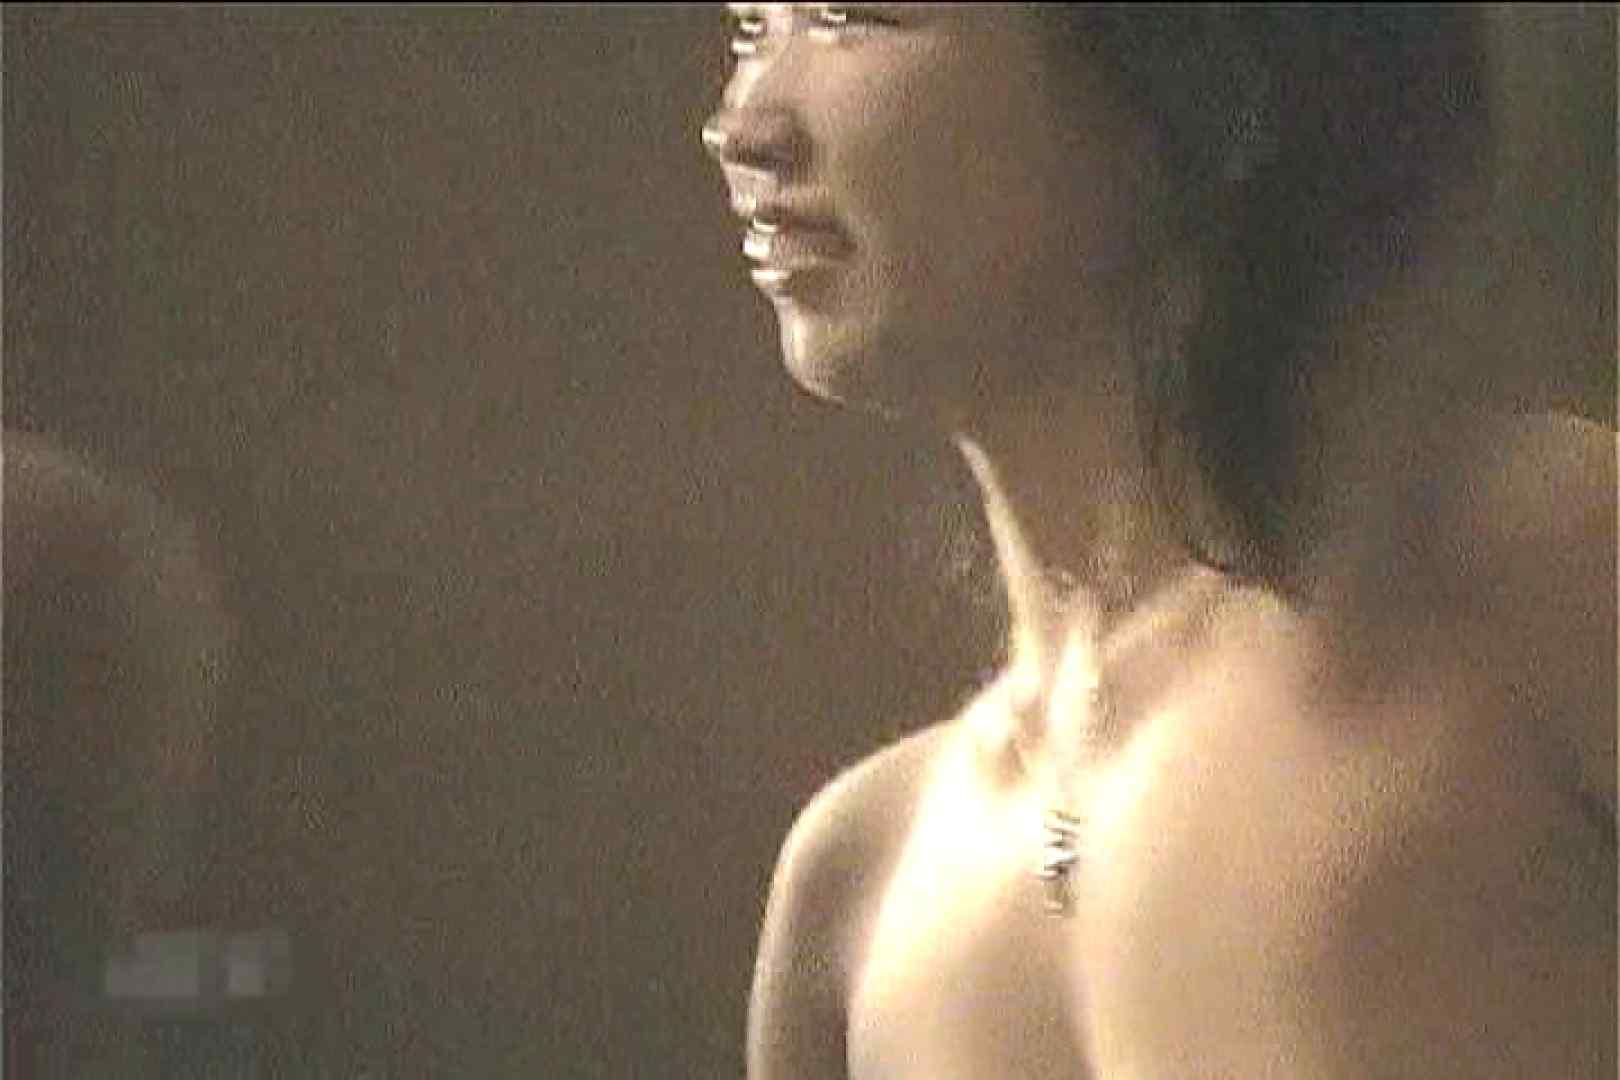 全裸で発情!!家族風呂の実態Vol.3 すけべな素人 ヌード画像 95画像 45